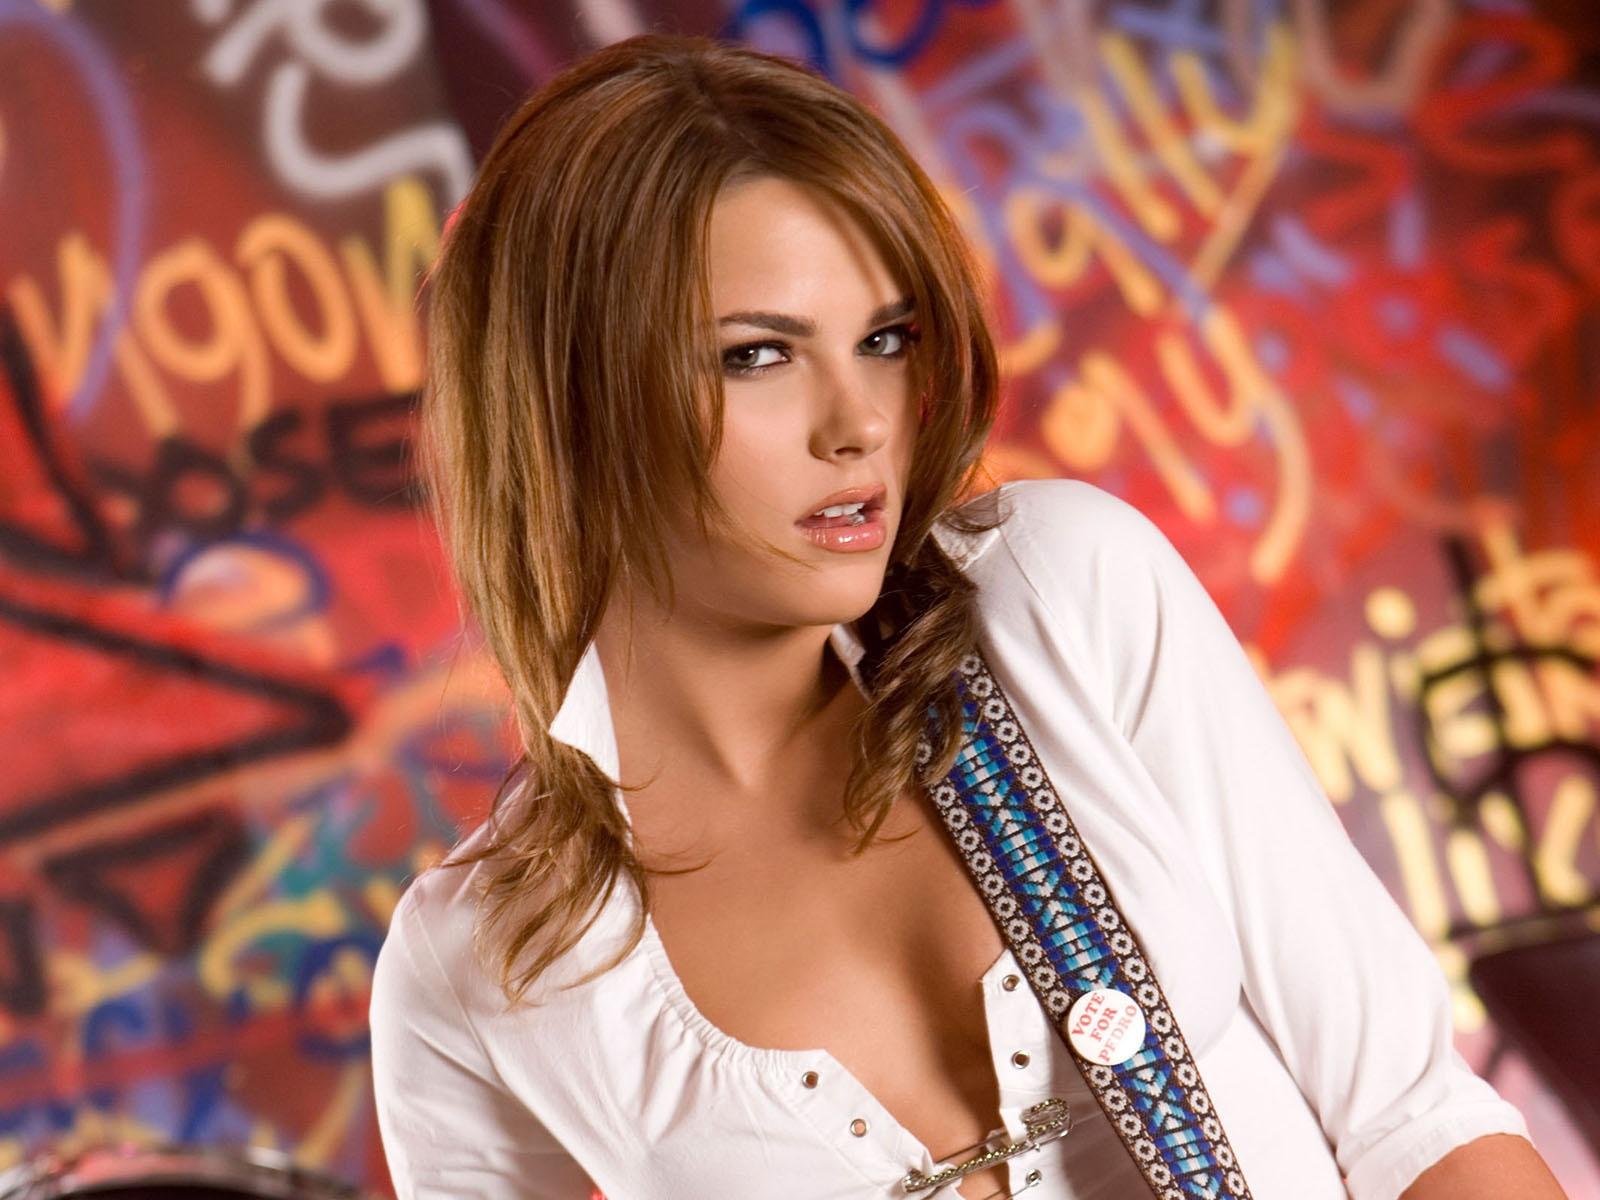 Actrices Porno 2016 meggan mallone, una de las actrices porno más bellas